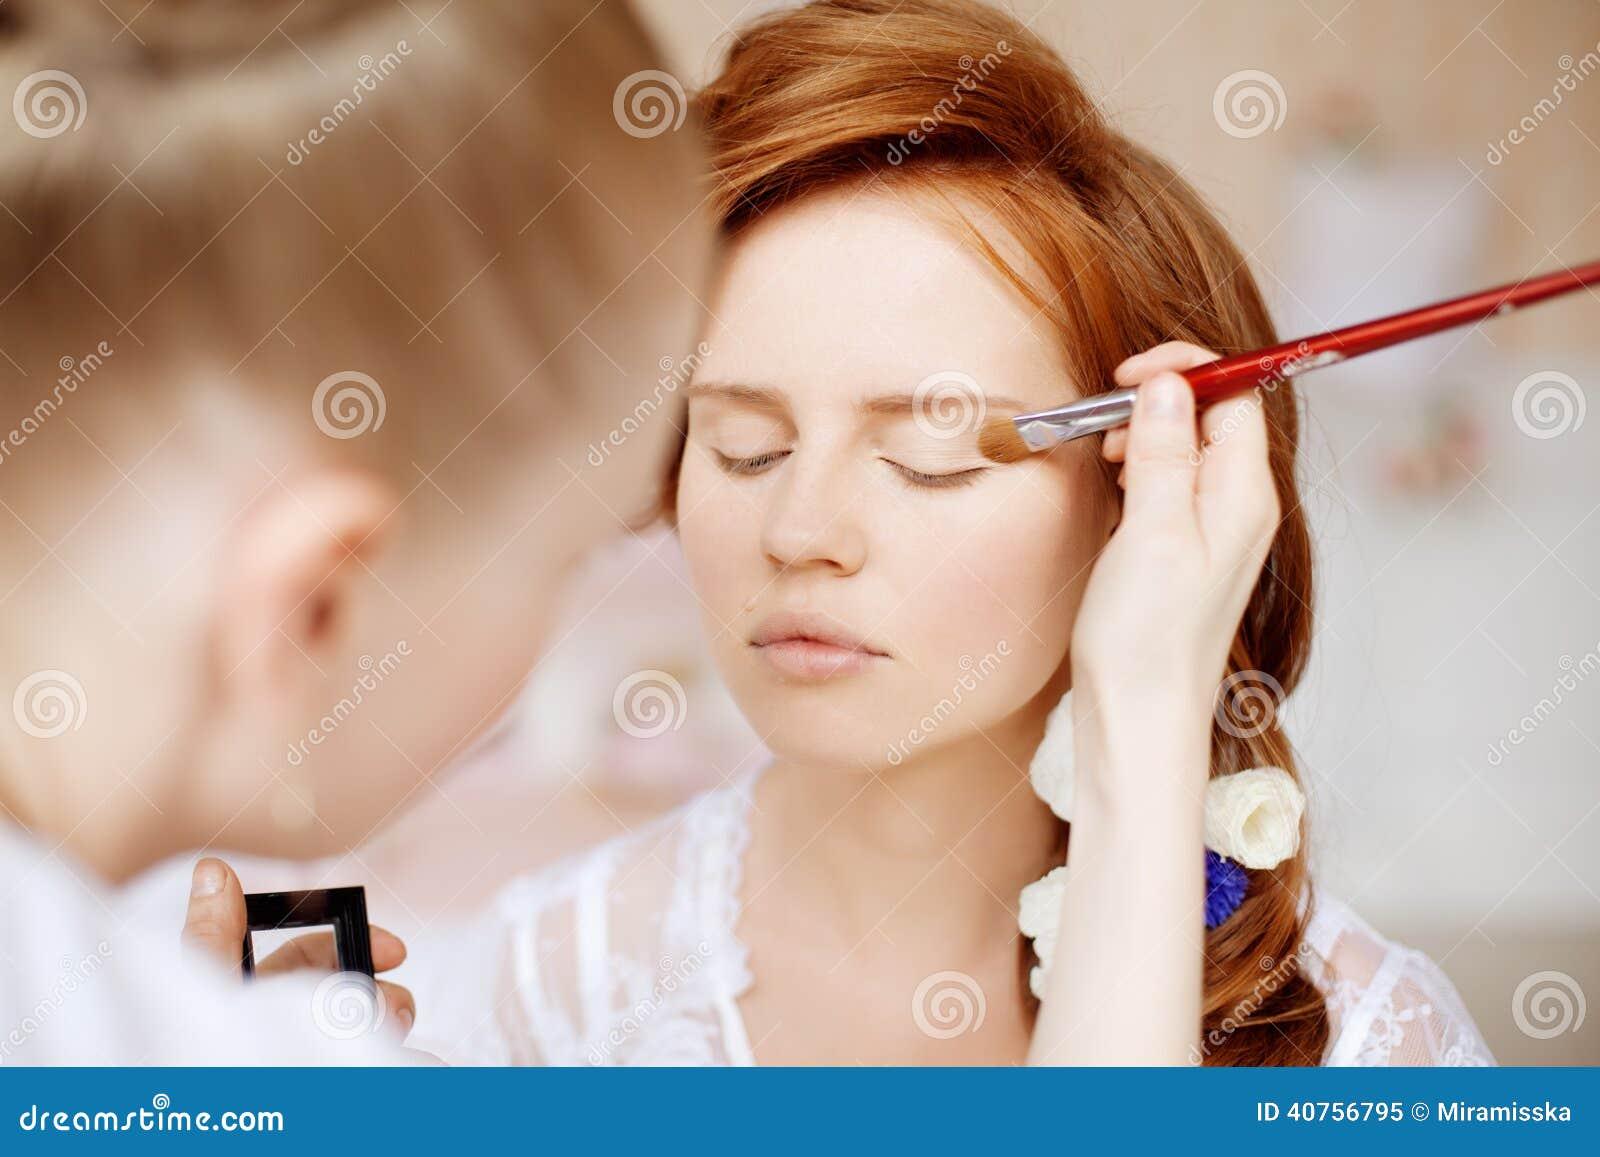 Первые шаги о макияже